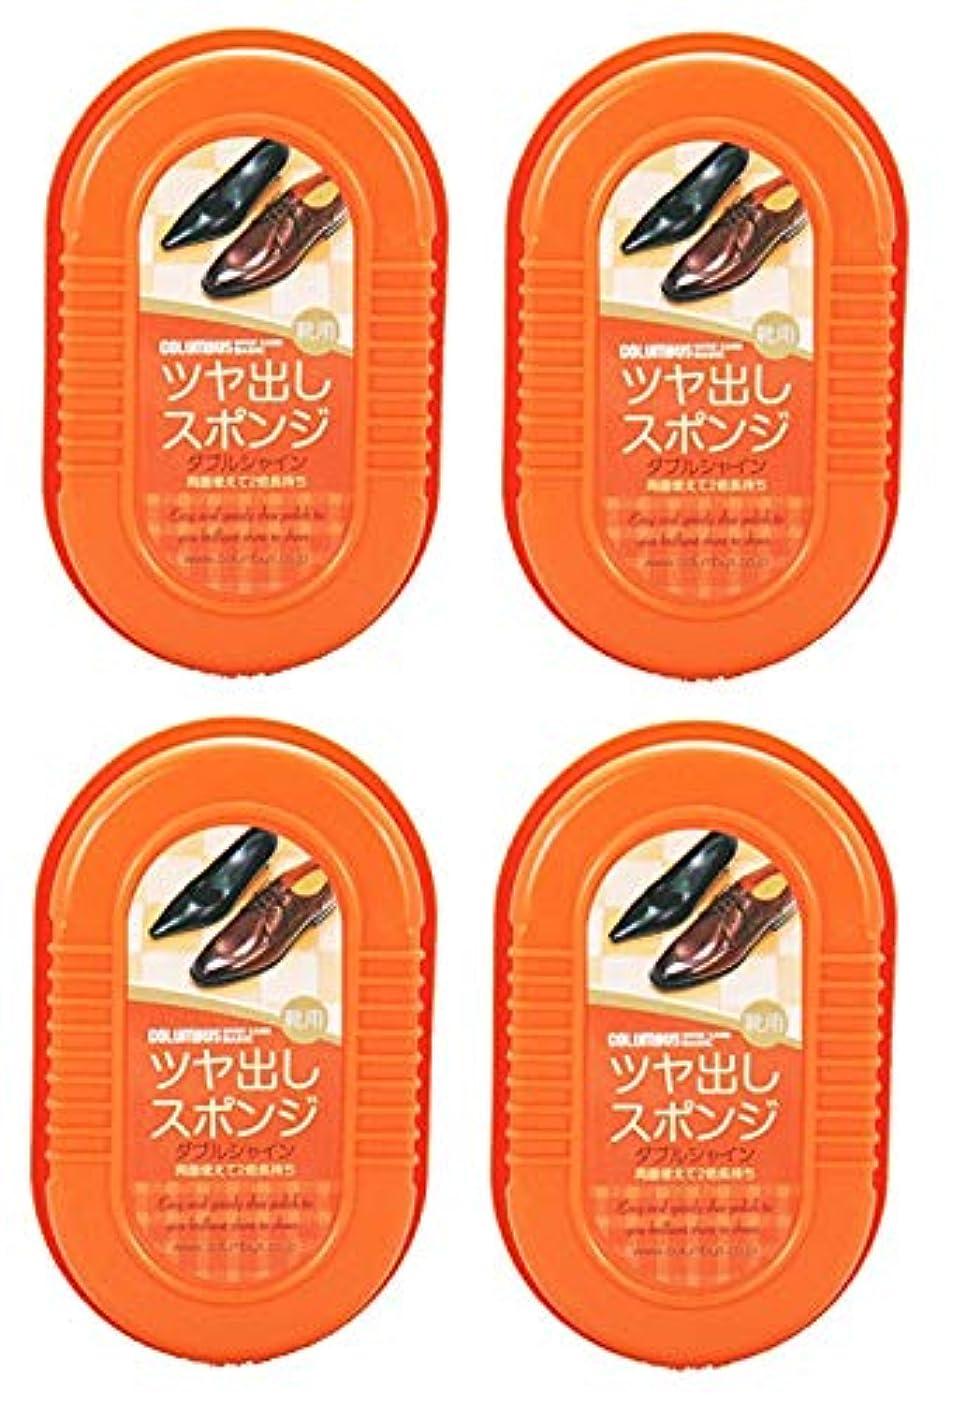 僕のルーフ醸造所【まとめ買い】コロンブス スーパーダブルシャイン(ヘッダー)×4個